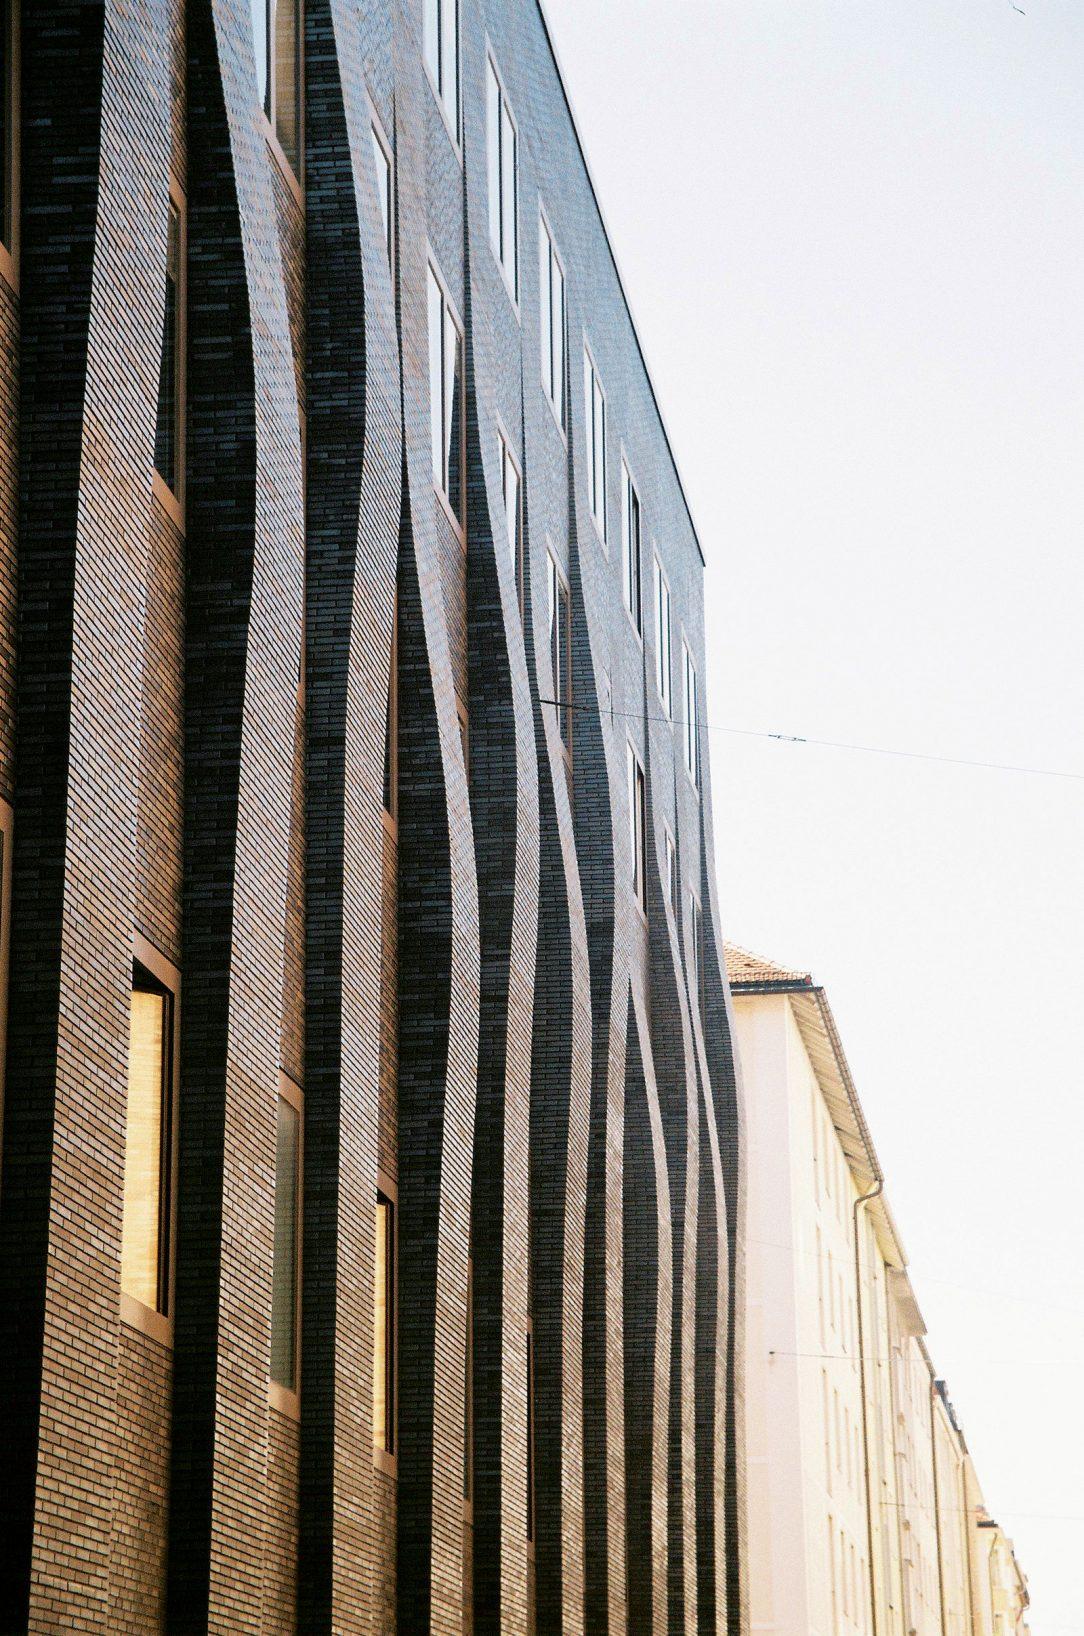 Úspešný mníchovský ateliér Hild und Kje typický svojou špecifickou tvorbou azameraním na rekonštrukcie. Kanceláriu vedie žiak M. Šika zETH Zürich asúčasný dekan mníchovskej fakulty architektúry Andreas Hild.